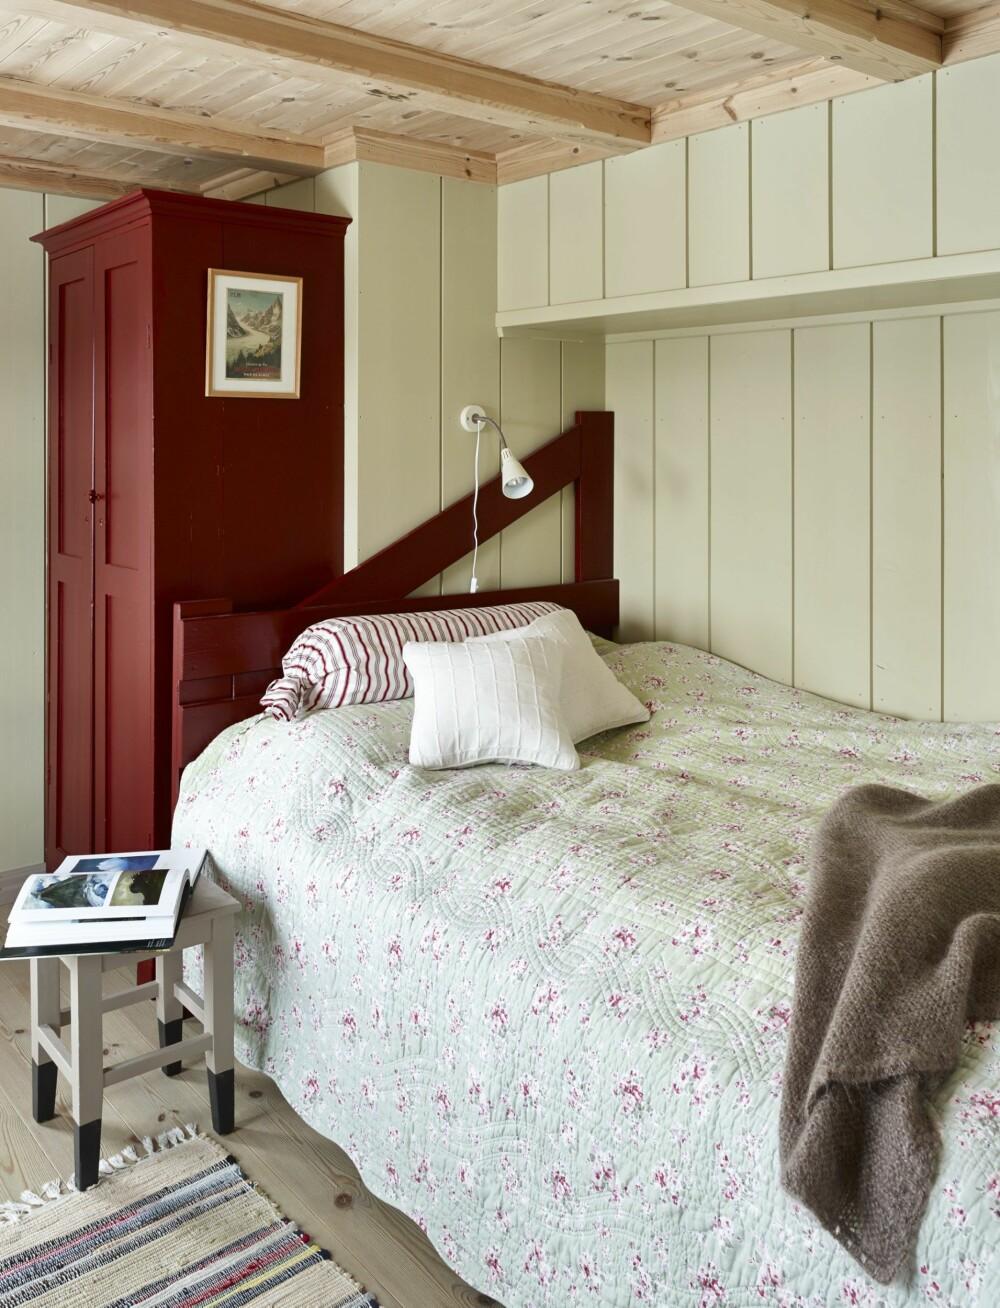 KOSELIG GJESTEROM: Det er flere soveplasser på hytta, og fullt mulig å ta imot venner på overnatting. FOTO: Sveinung Bråthen